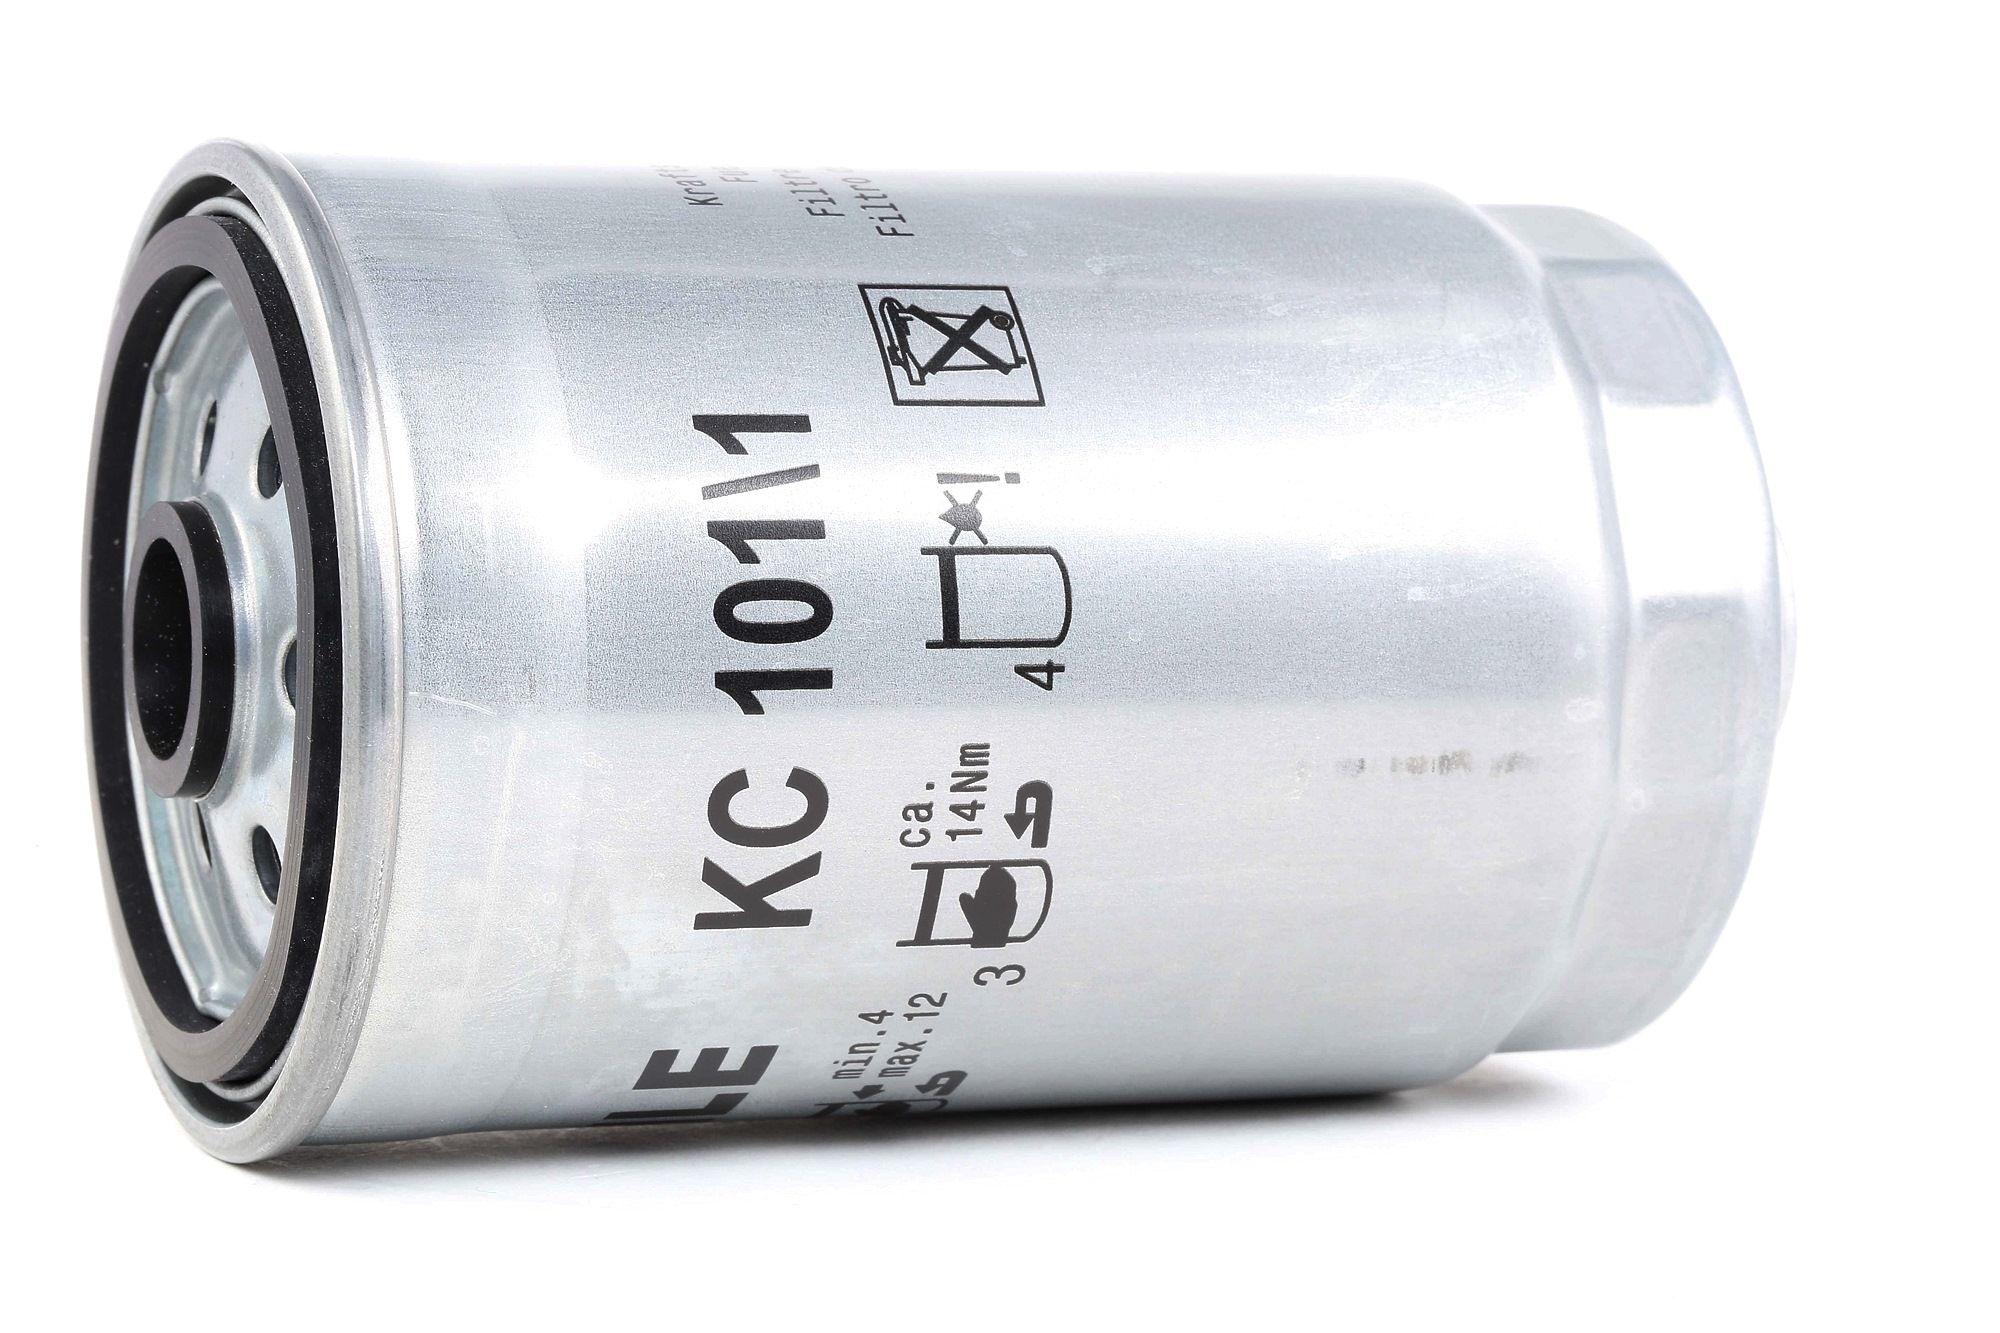 Palivový filtr KC 101/1 s vynikajícím poměrem mezi cenou a MAHLE ORIGINAL kvalitou